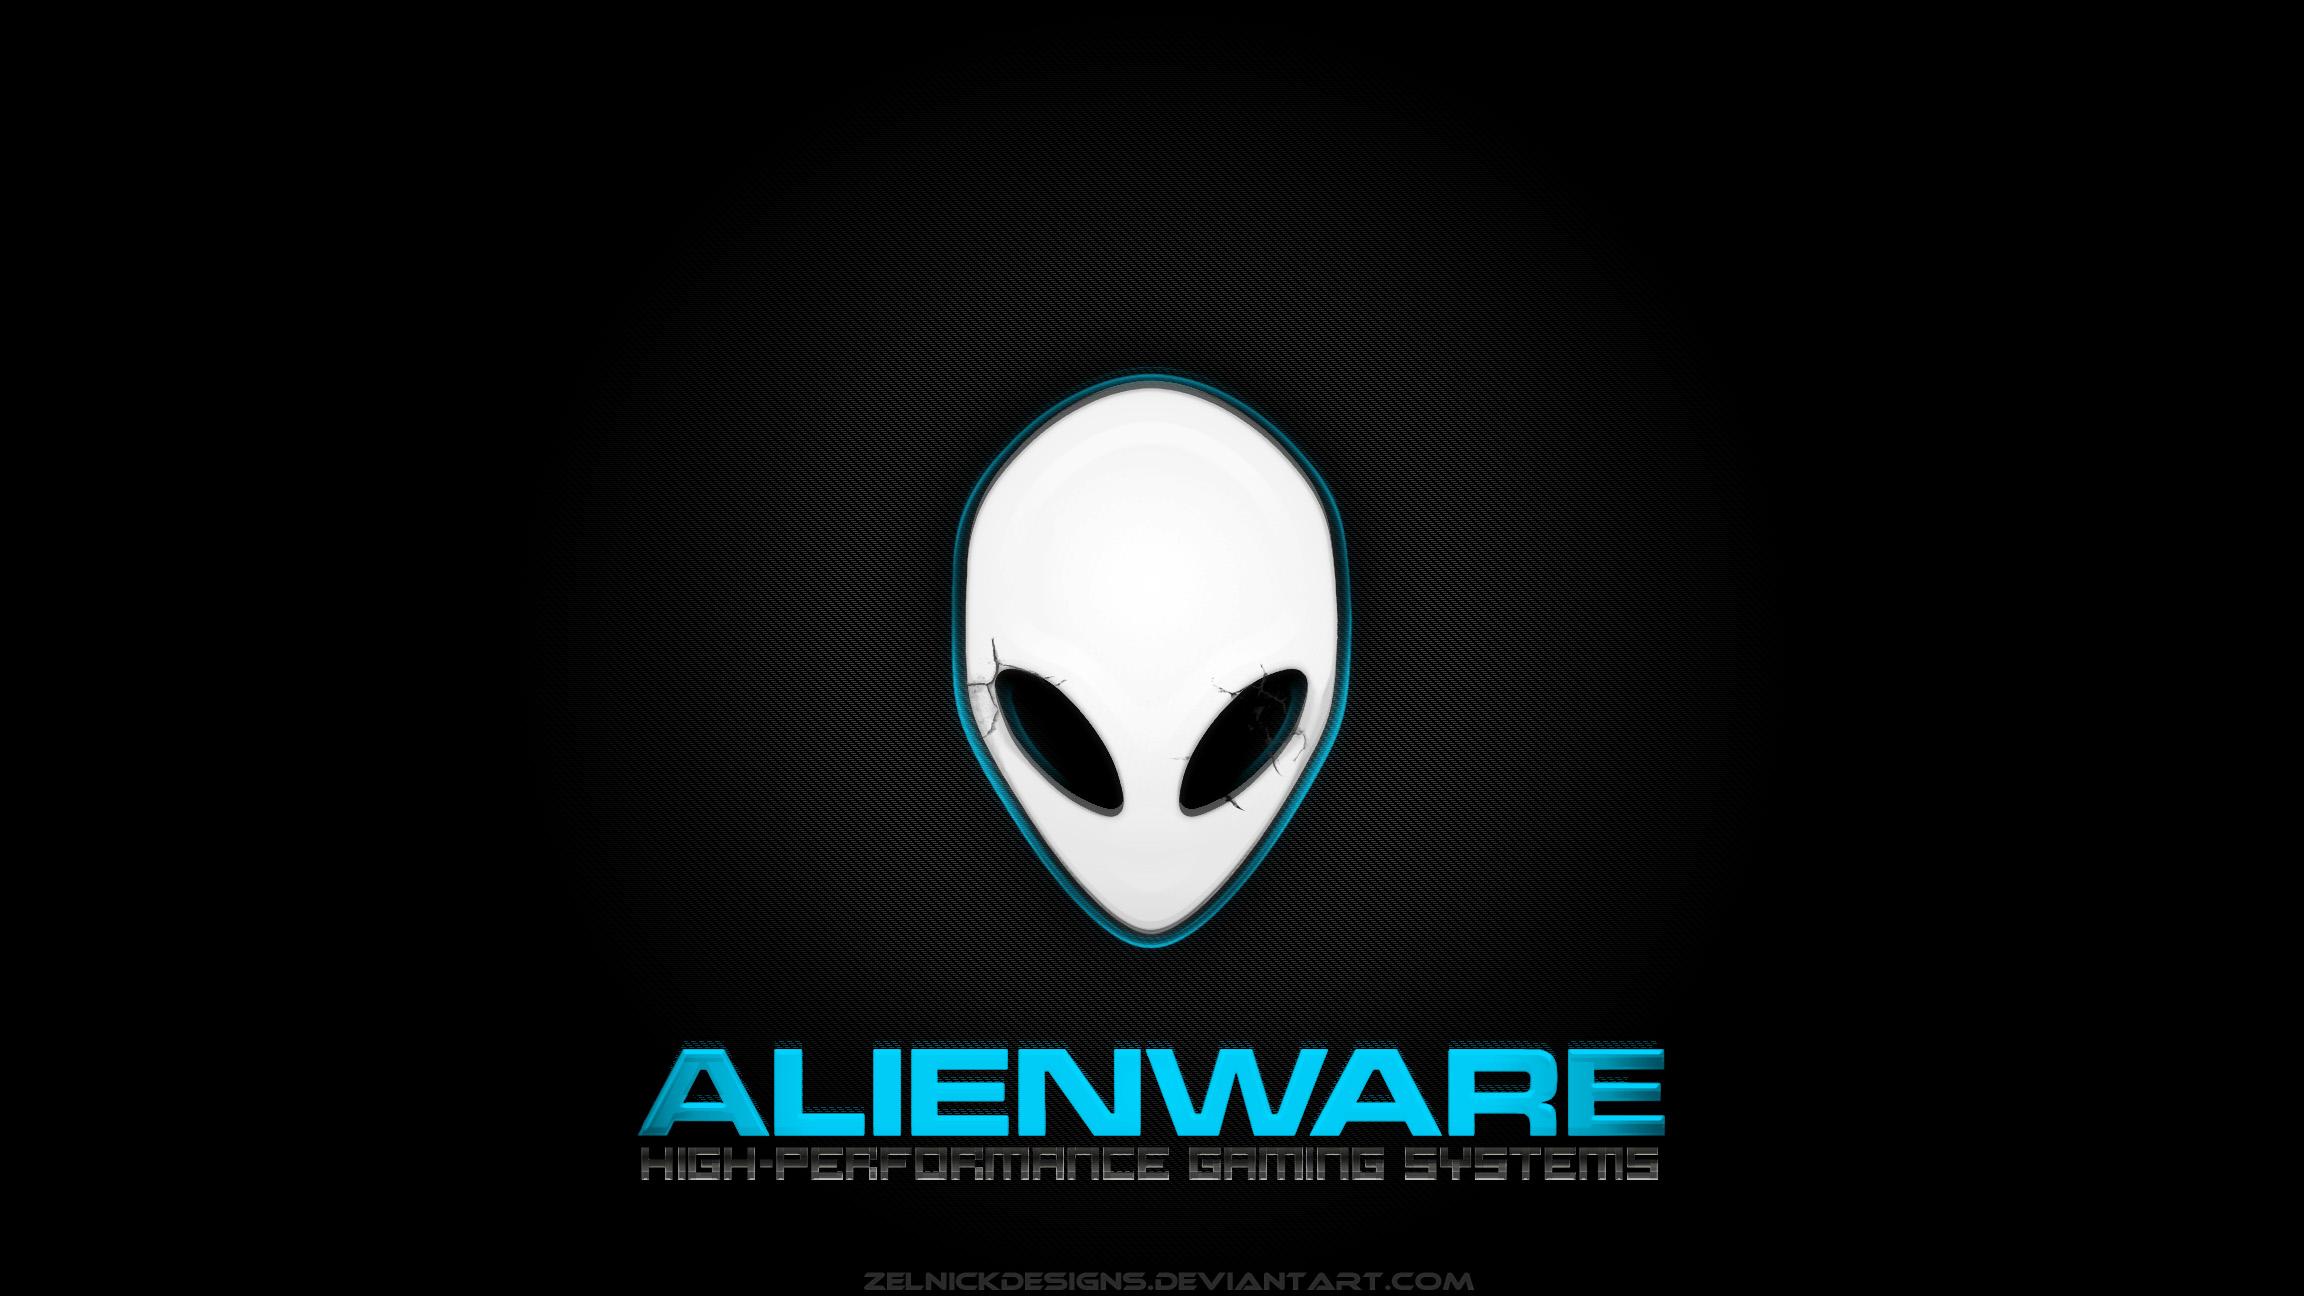 alienware wallpaper 1366x768 download